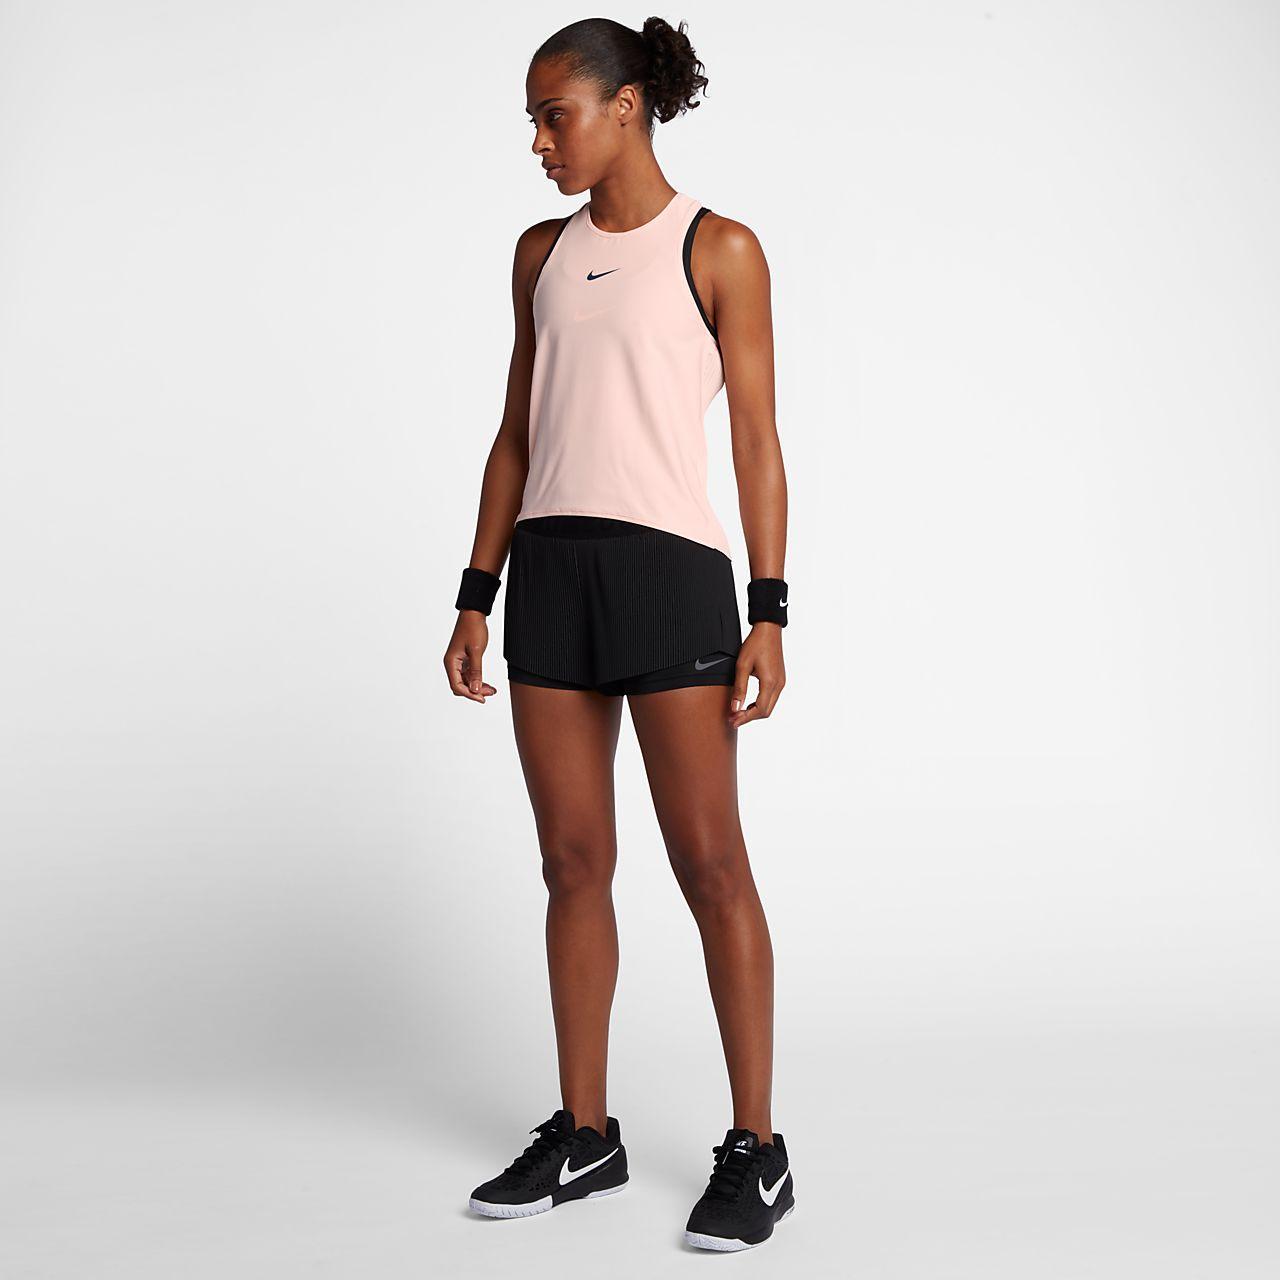 NikeCourt Breathe Maria Women Tennis Tank